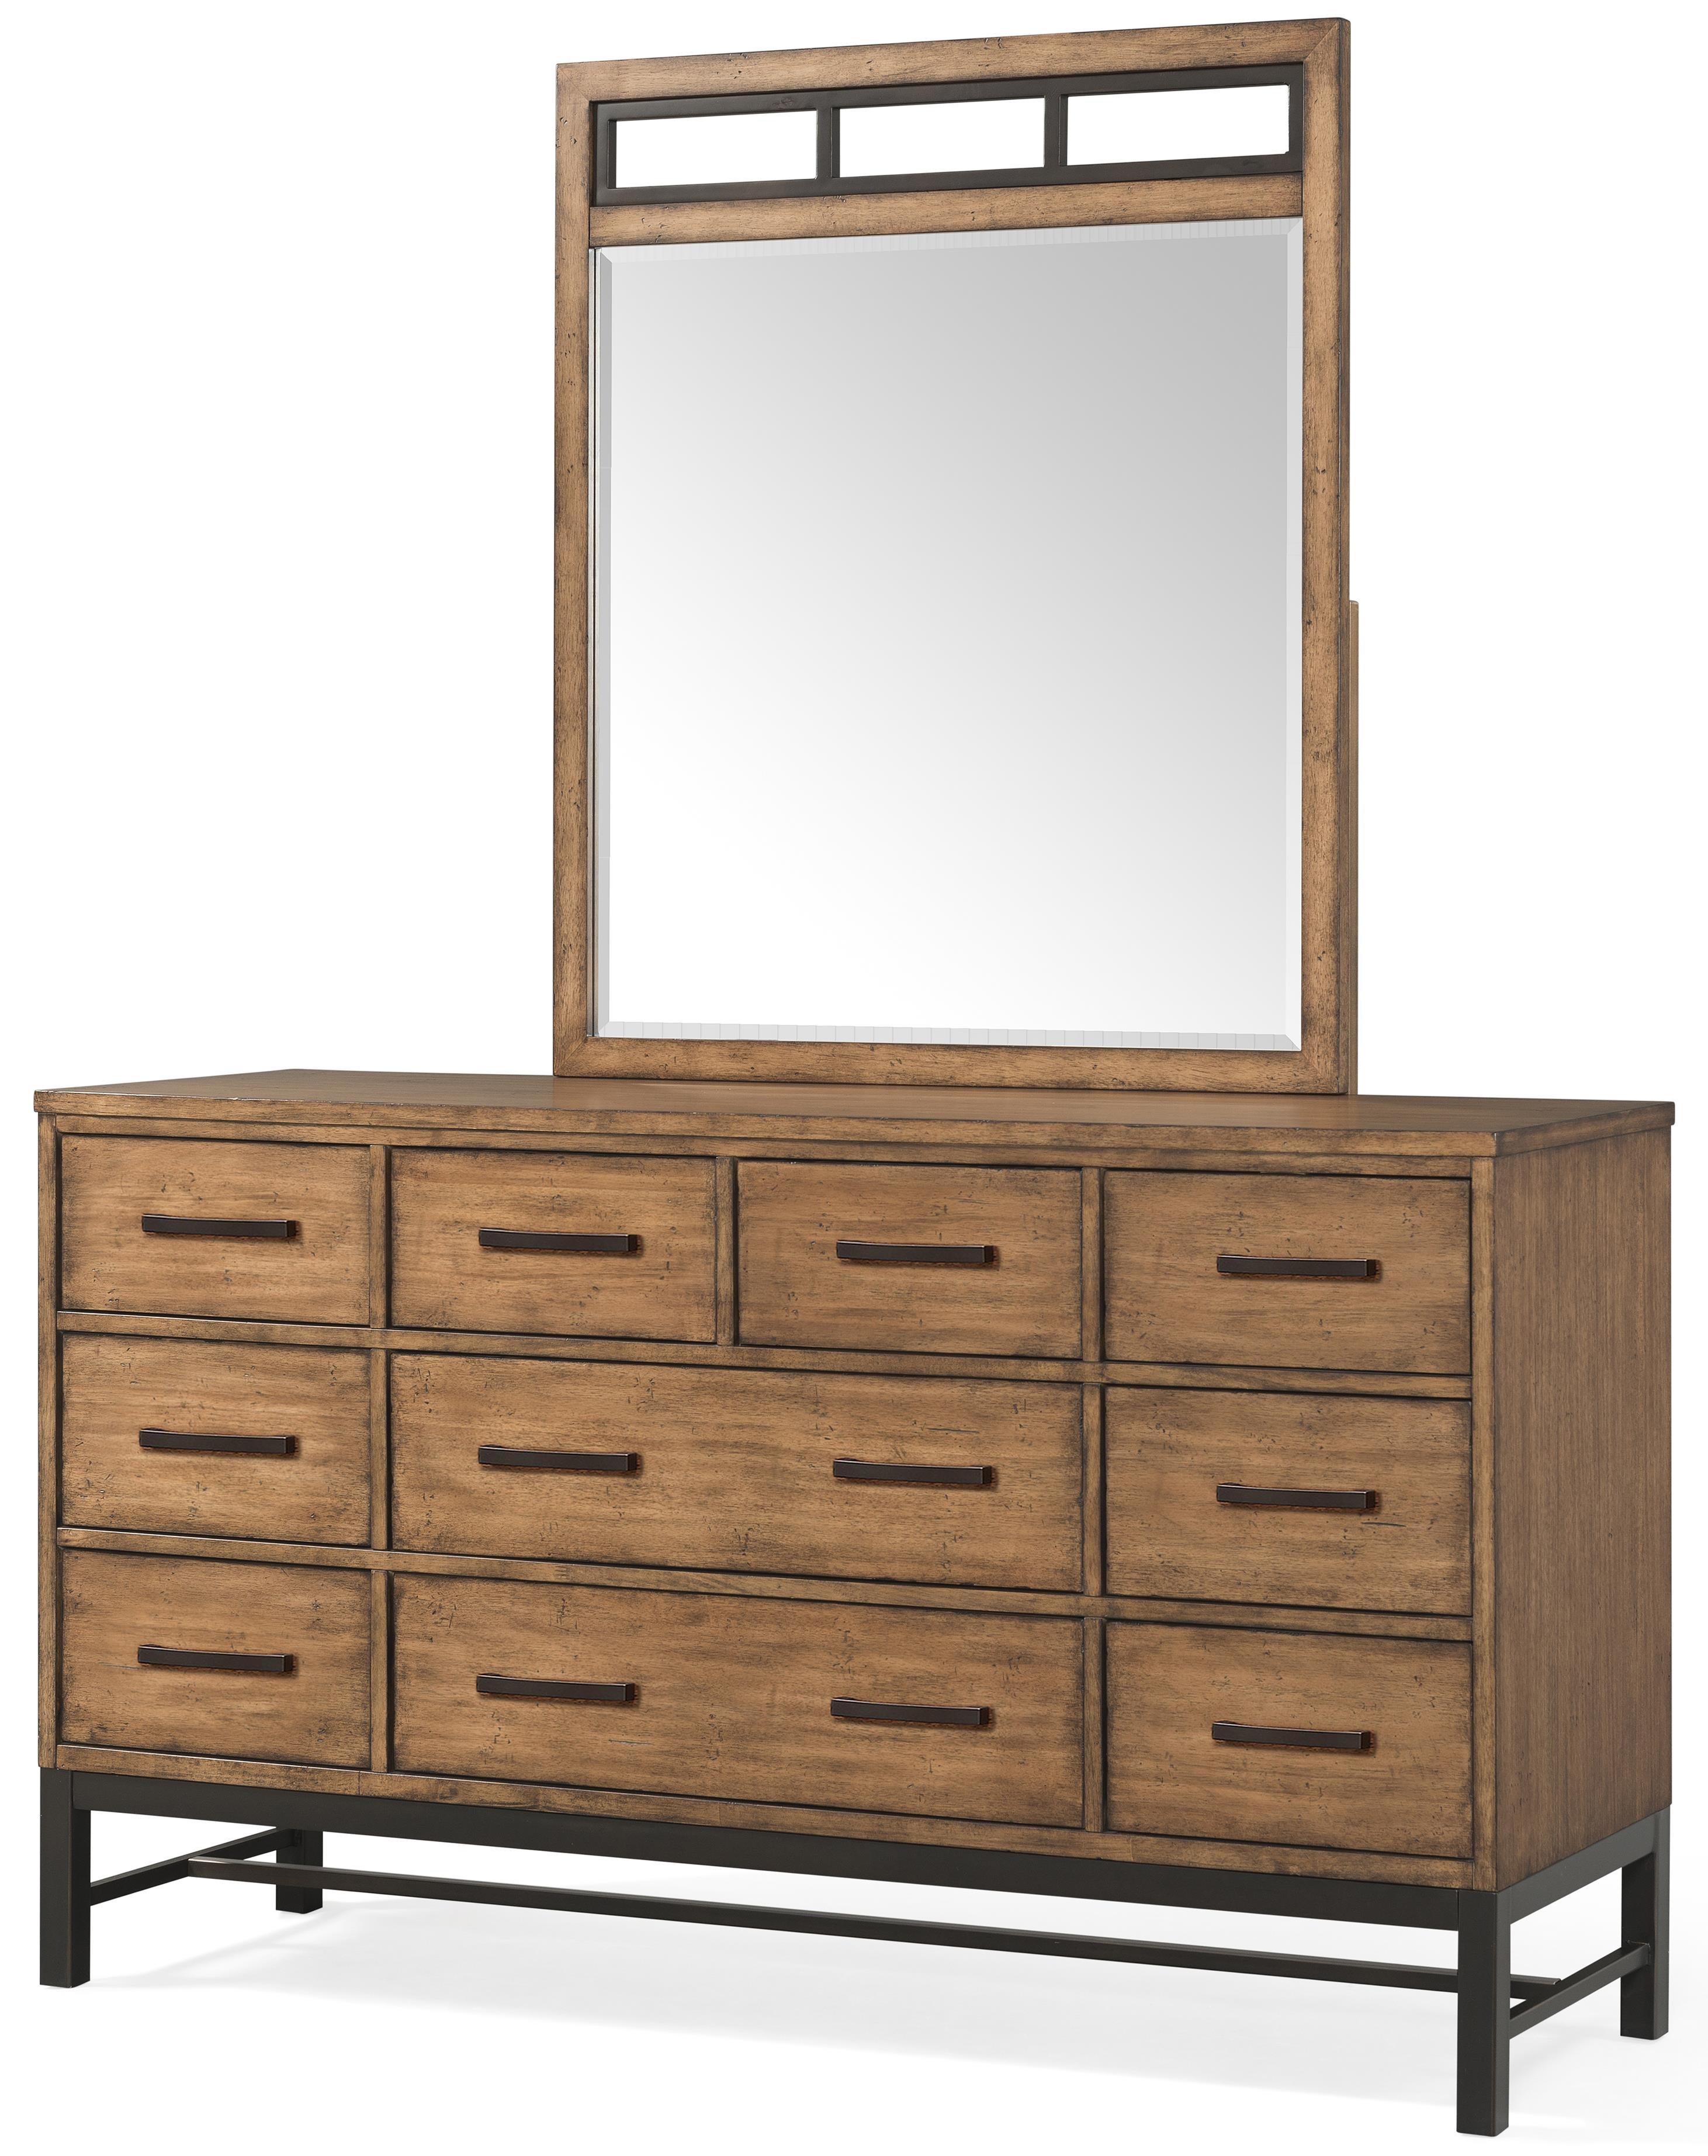 Belfort Basics Affinity Dresser and Mirror - Item Number: 710-650+660